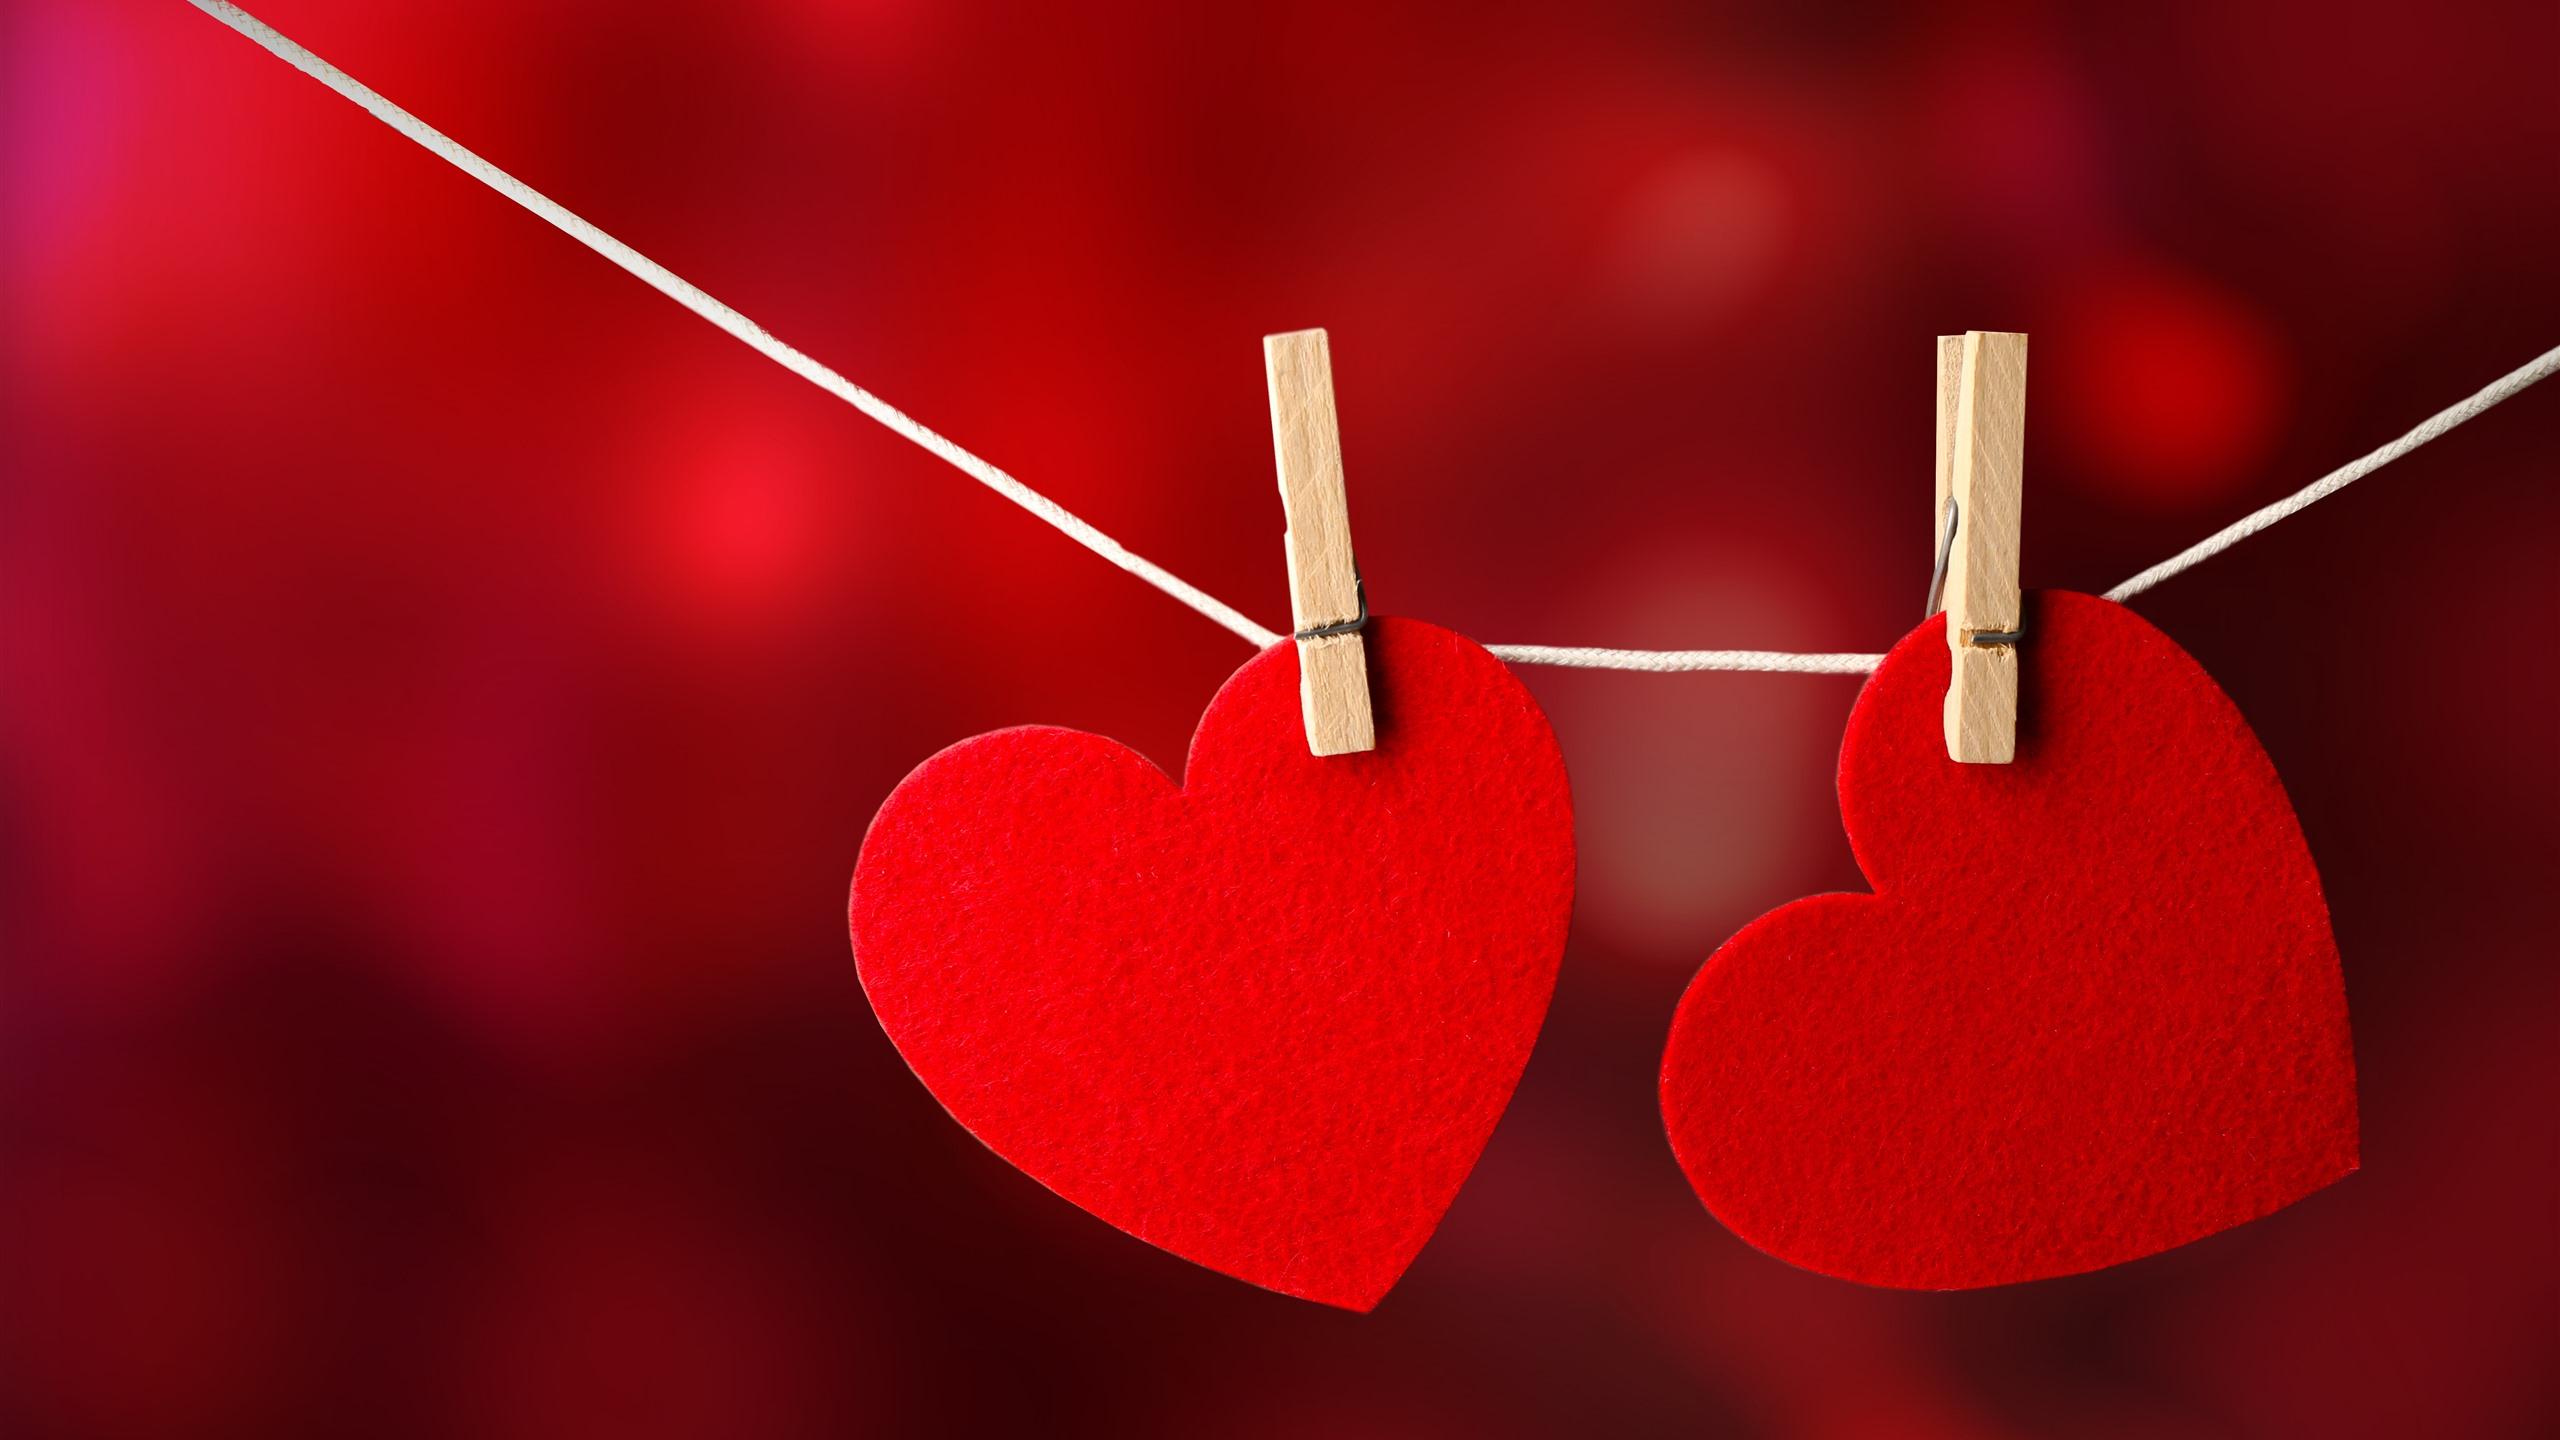 Fonds Décran Deux Coeurs Damour Rouges Pinces à Linge